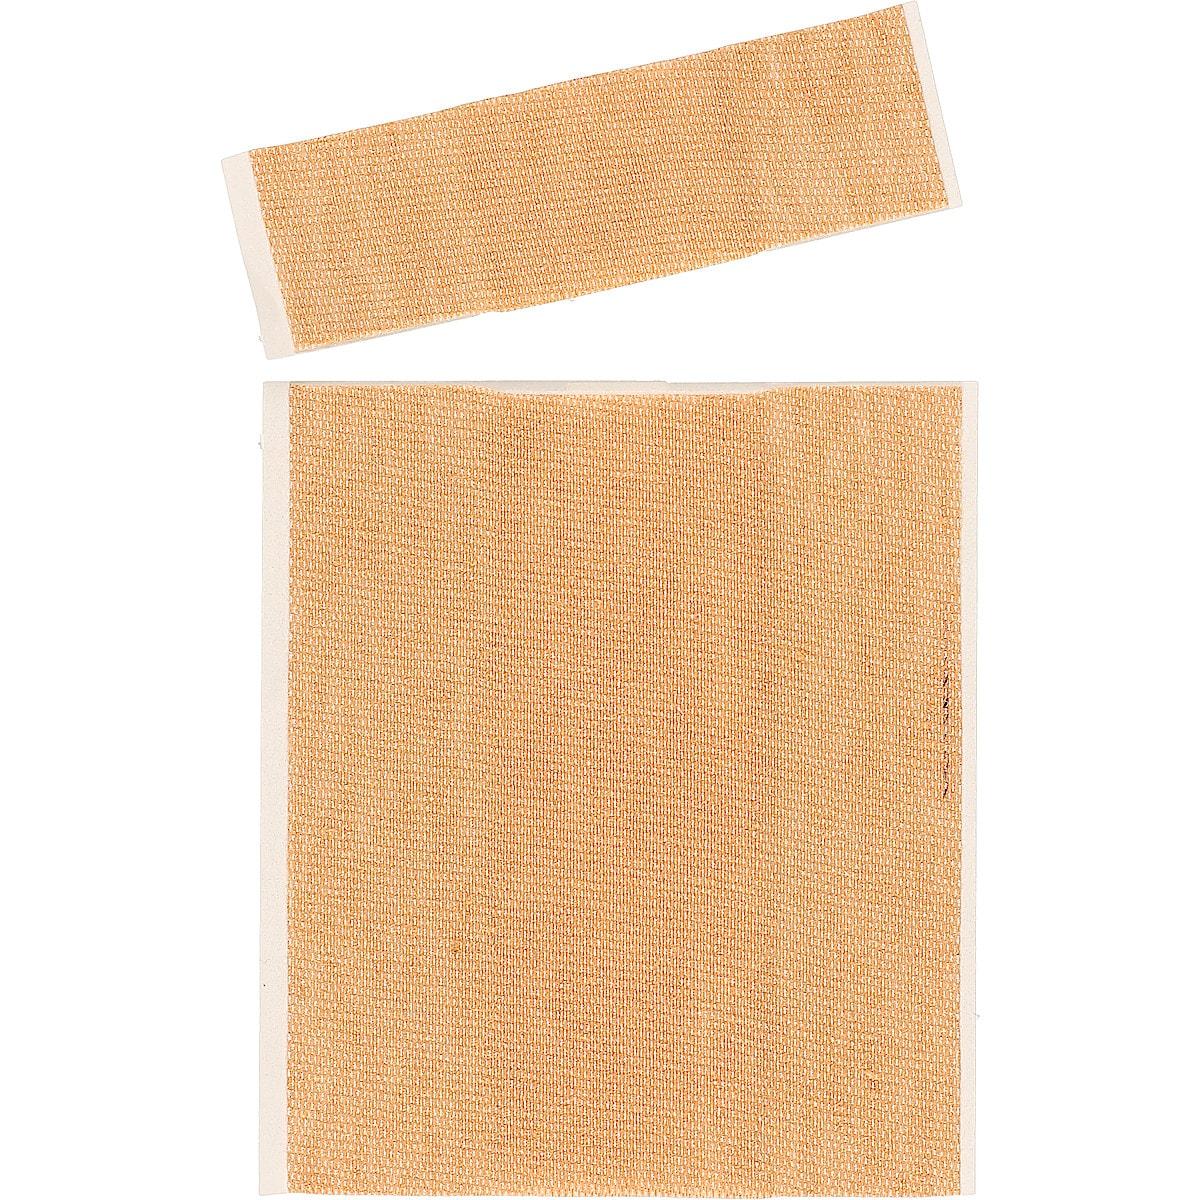 Tekstilplaster 9 stk/pk